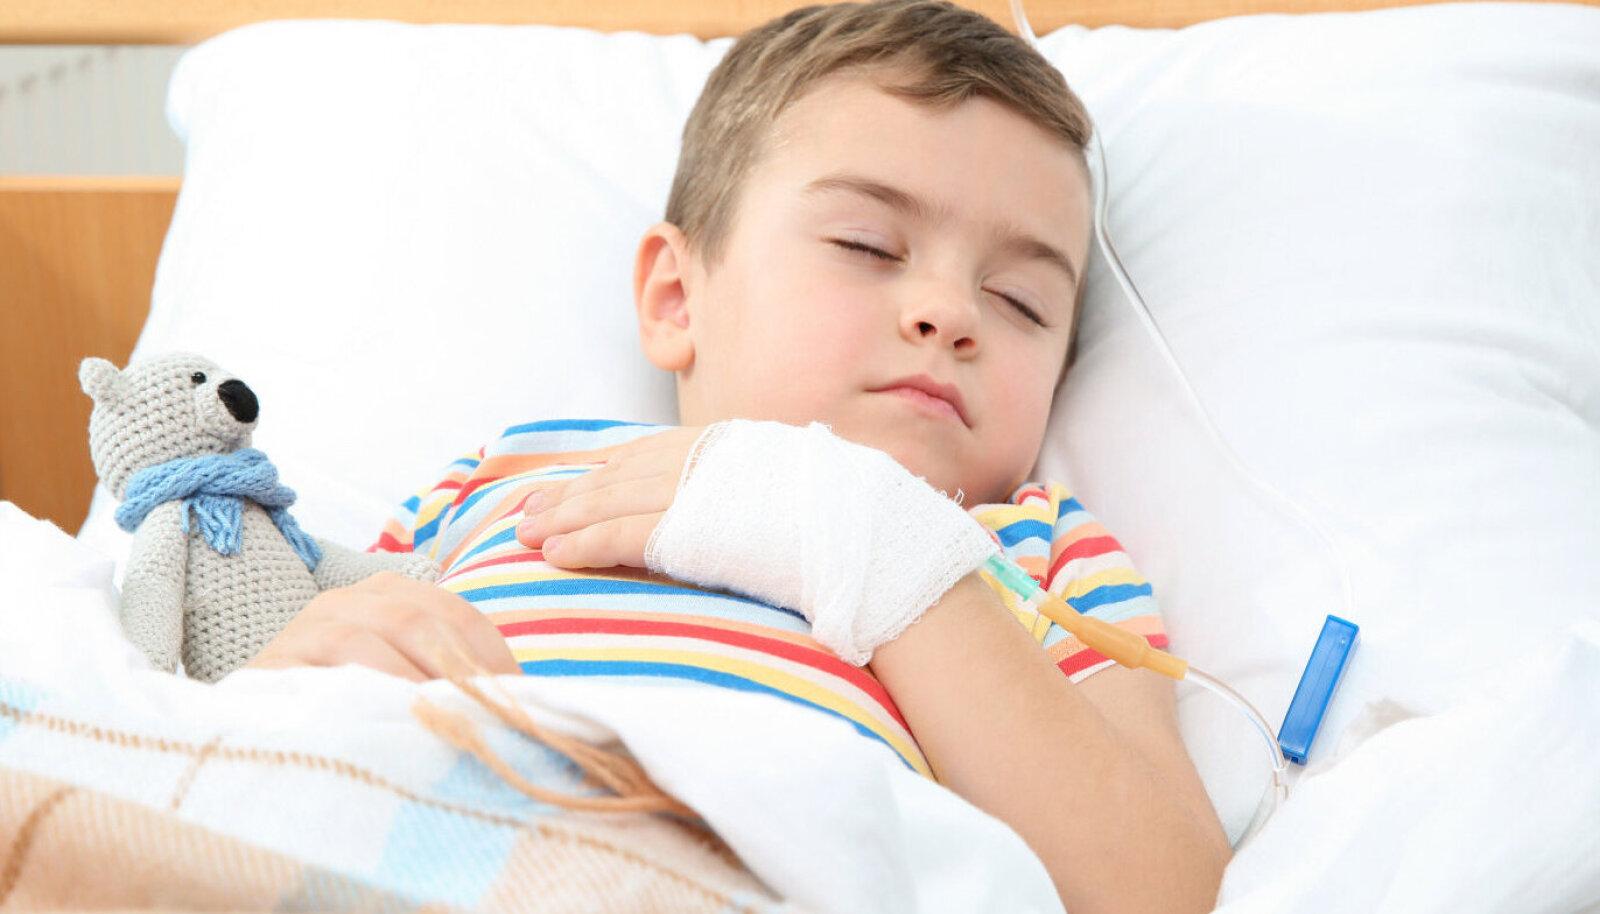 К сожалению, осложнения после коронавируса могут коснуться детей, которые легко перенесли само заболевание